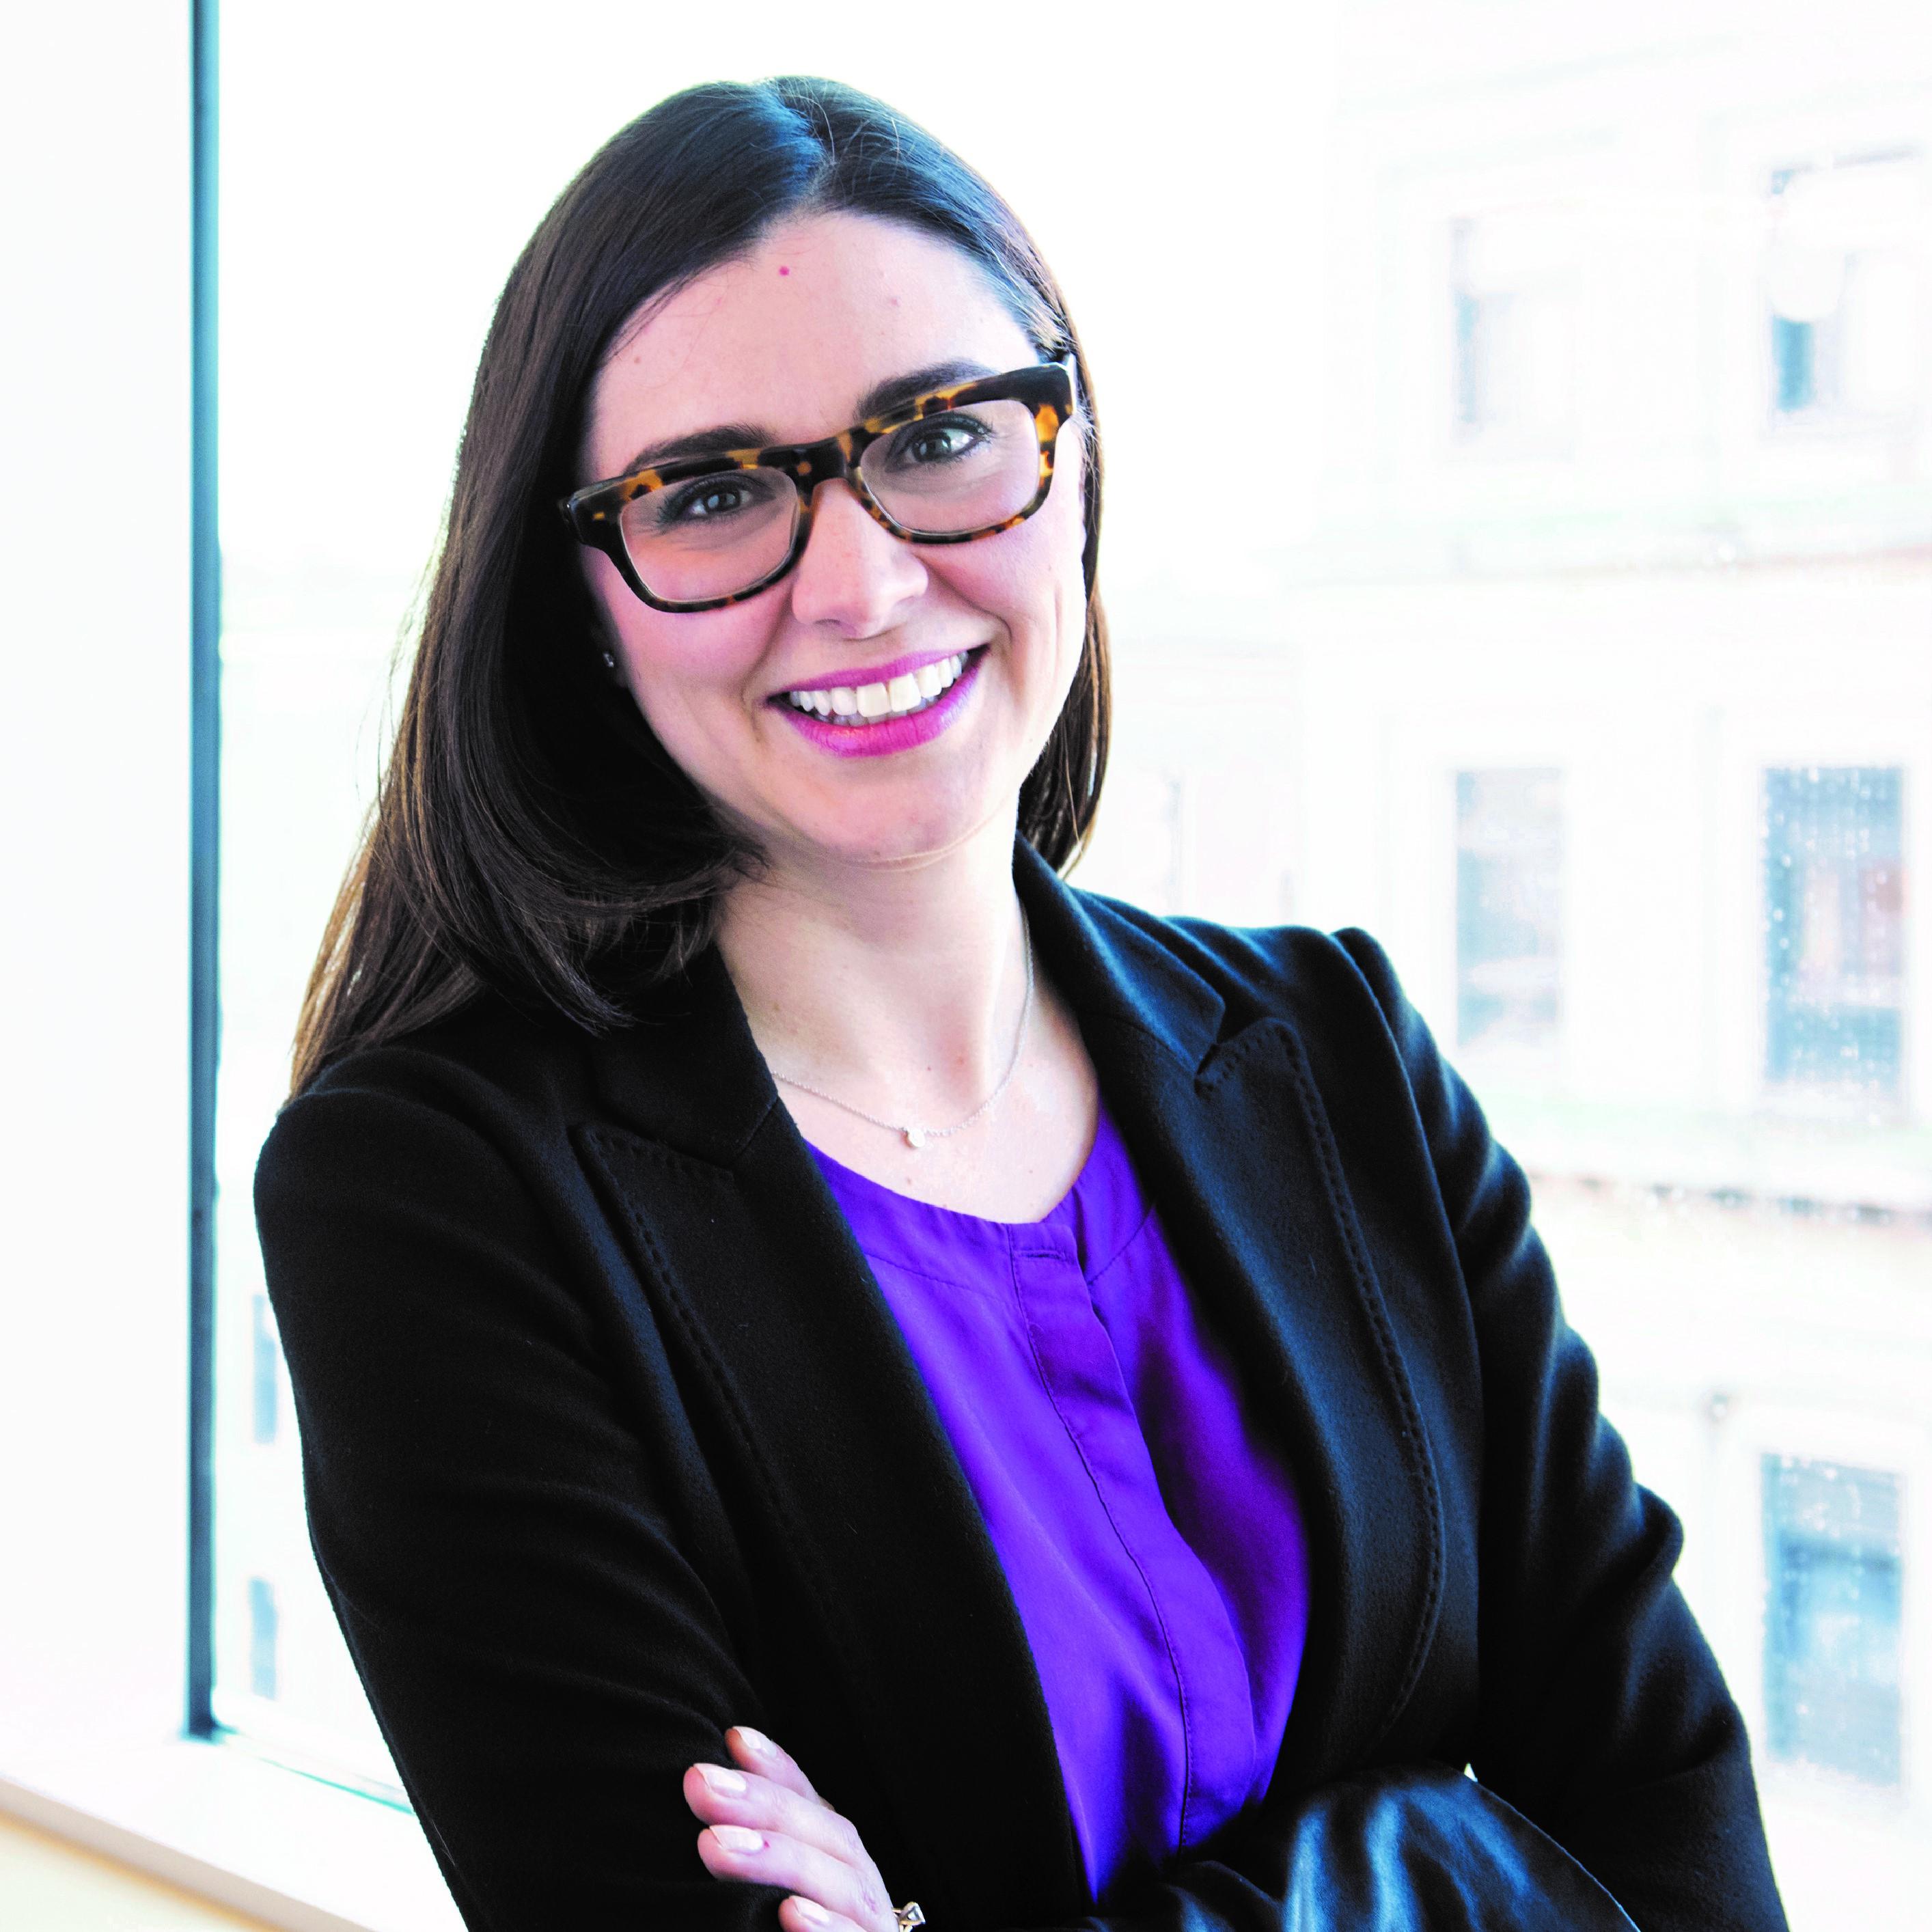 La professeure Silvia Bonaccio